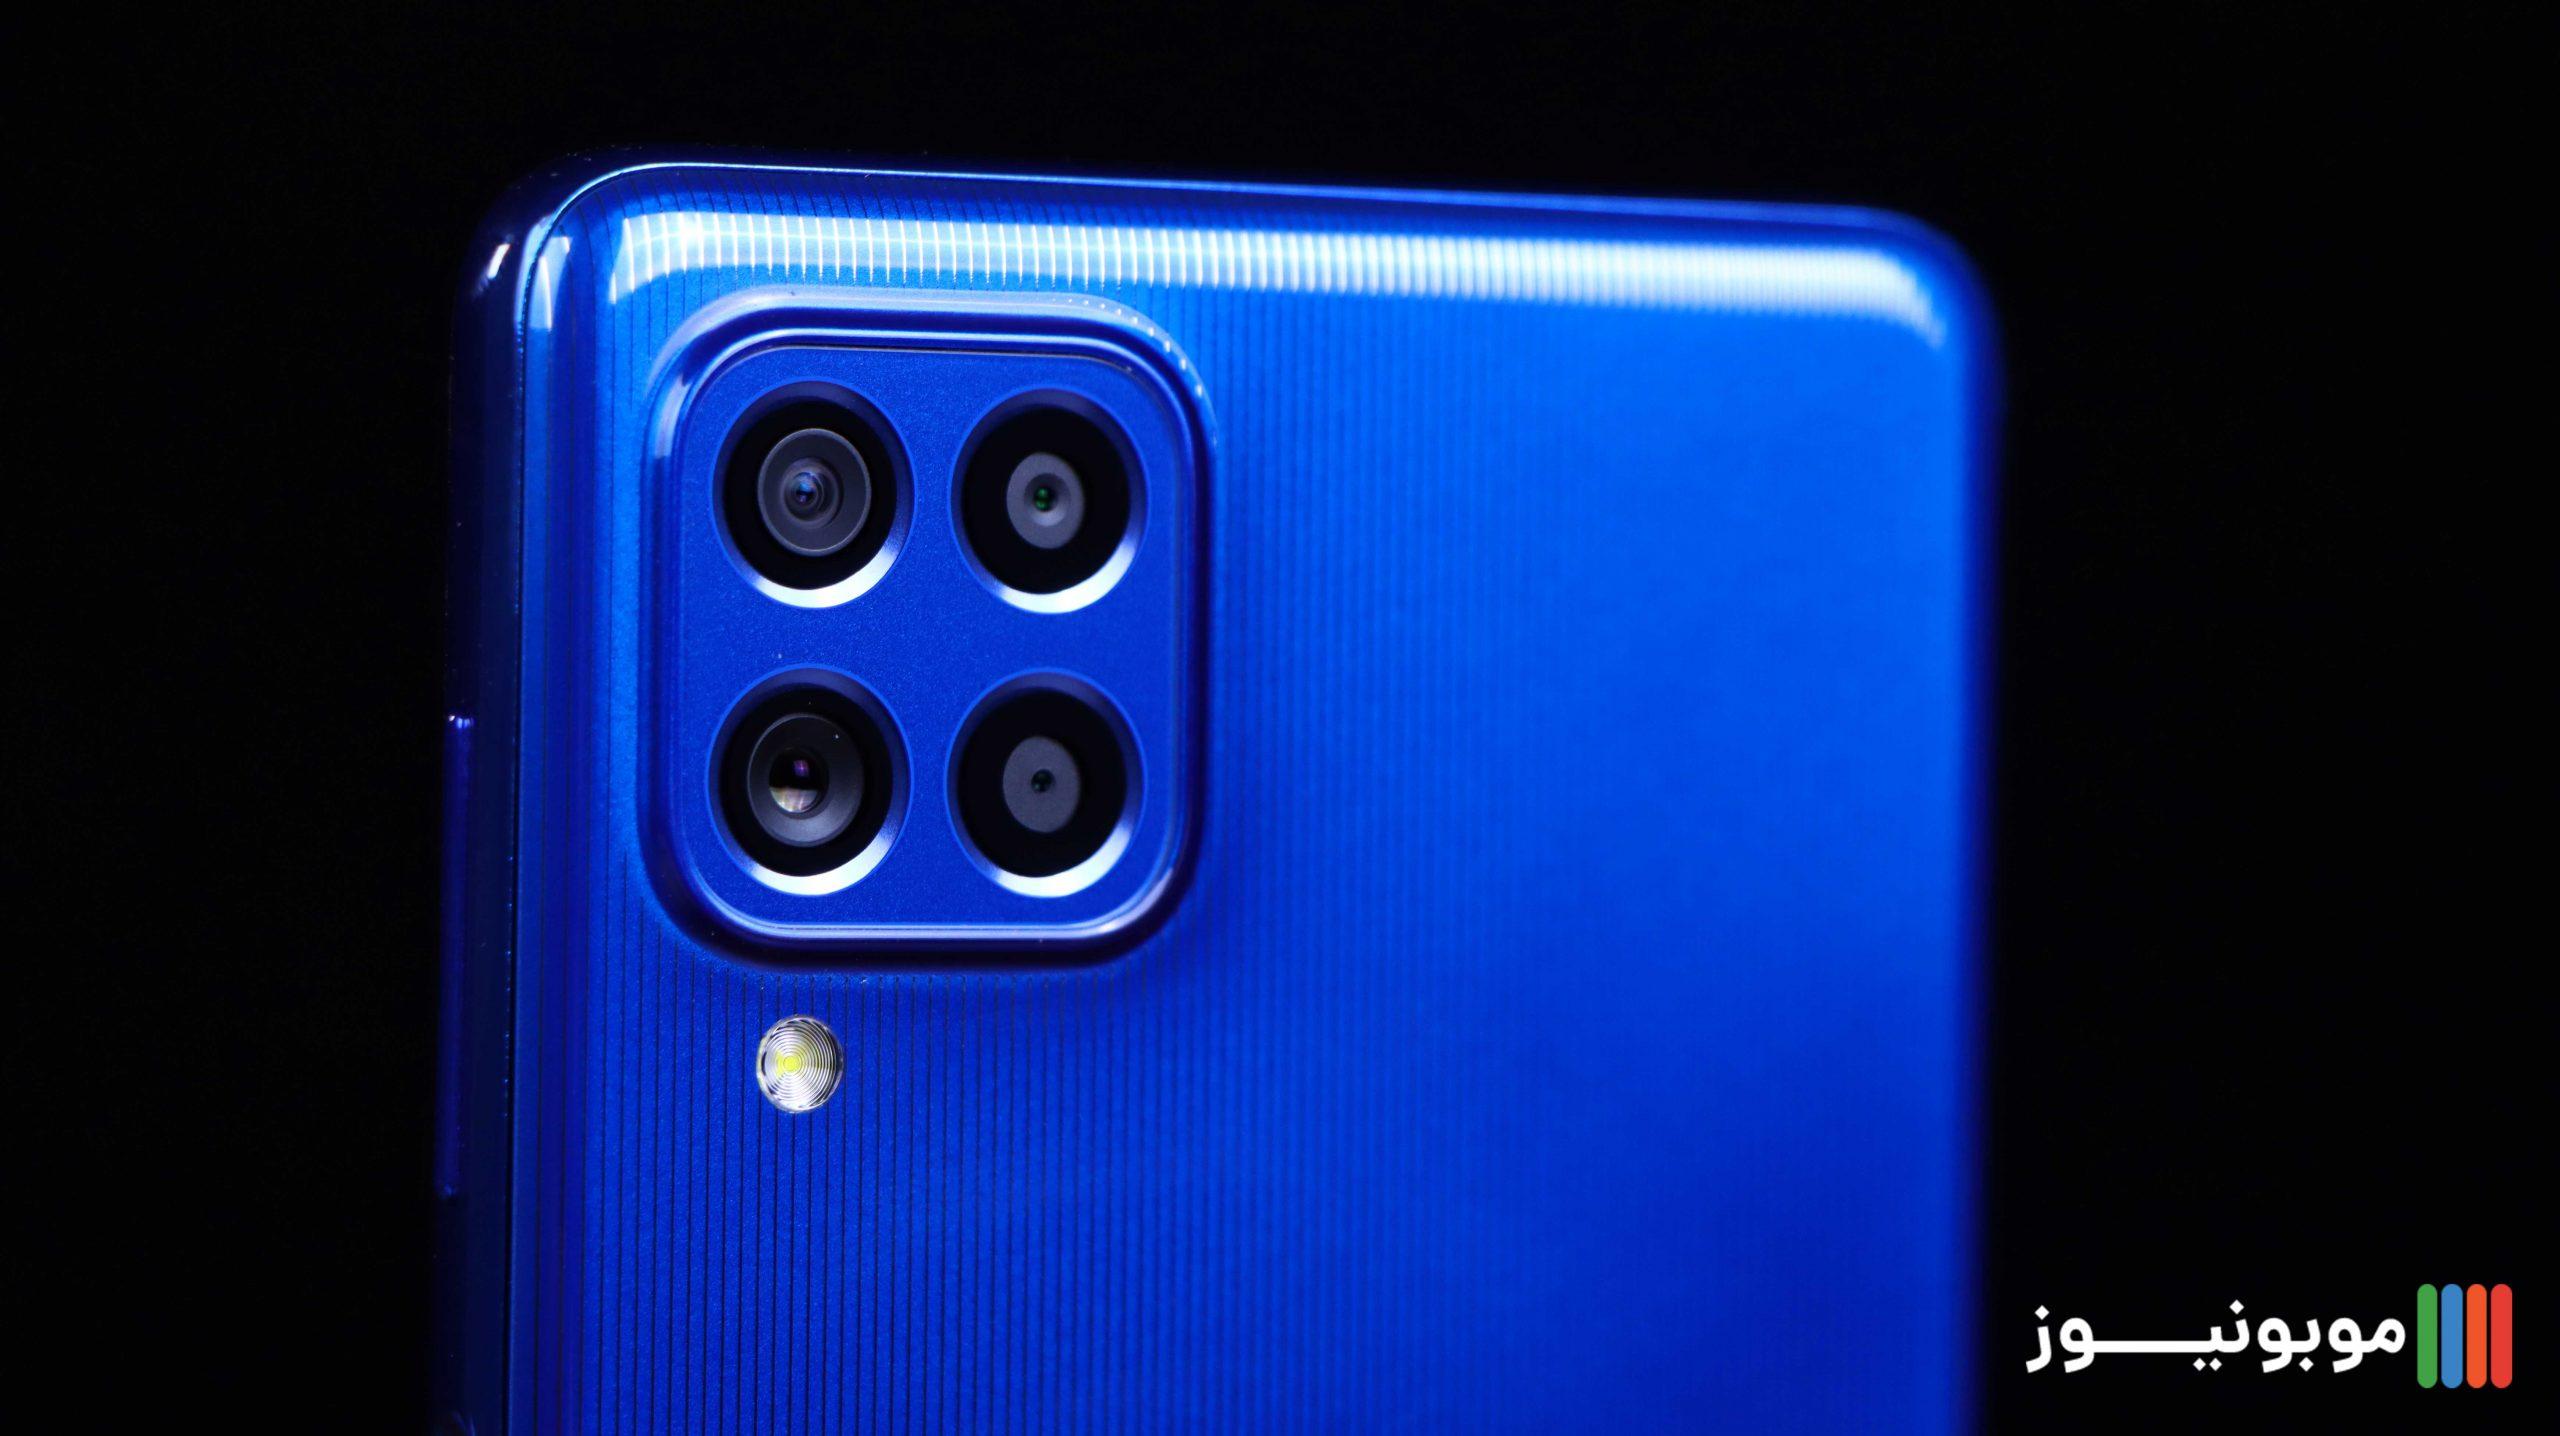 فریم دوربین های Redmi Note 10 pro